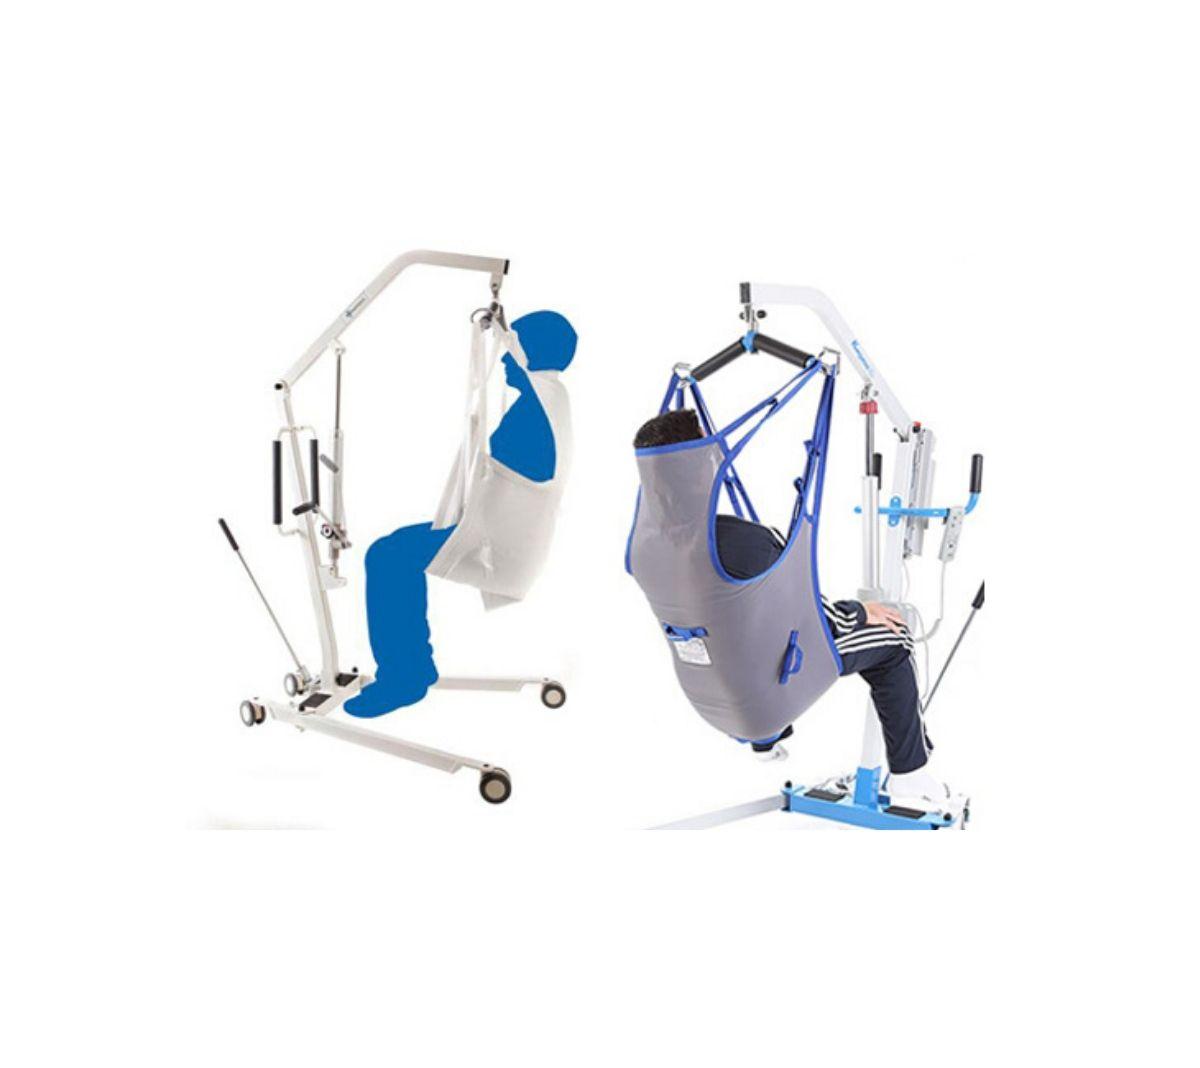 Sollevatore elettrico e manuale - Officine-Ortopediche.com